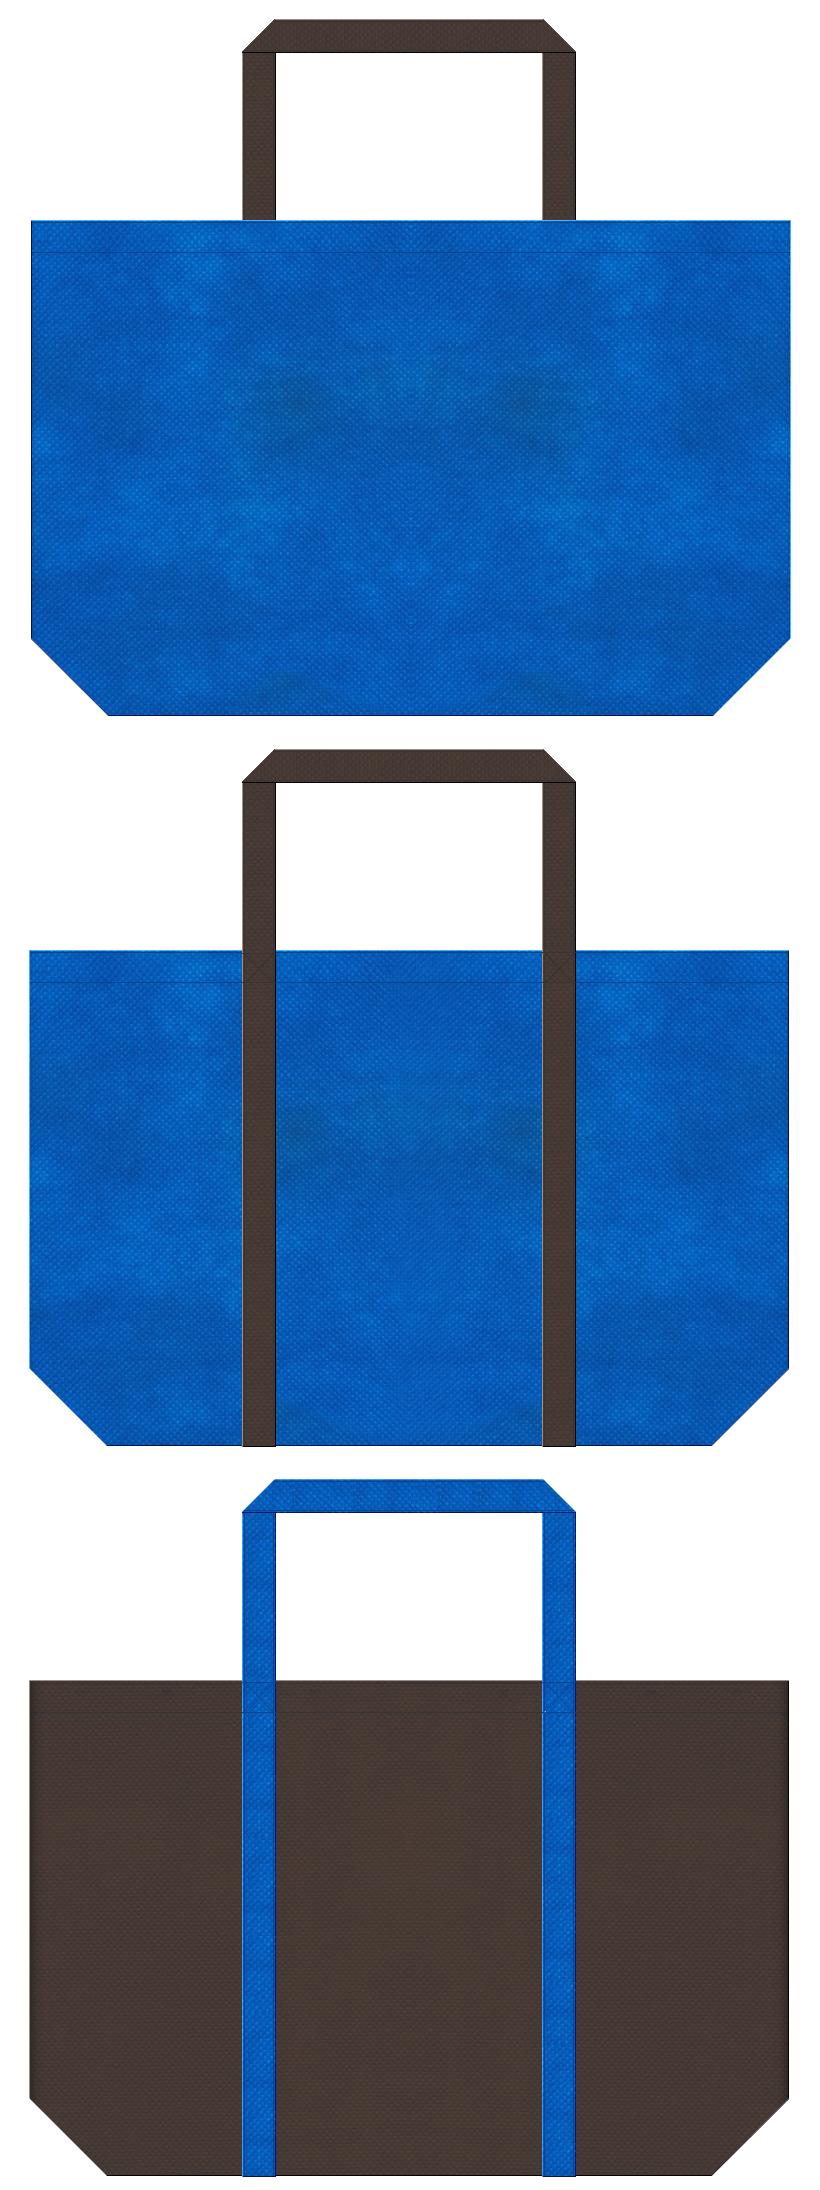 不織布トートバッグ 舟底タイプ 不織布カラーNo.22スカイブルーとNo.40ダークコーヒーブラウンの組み合わせ